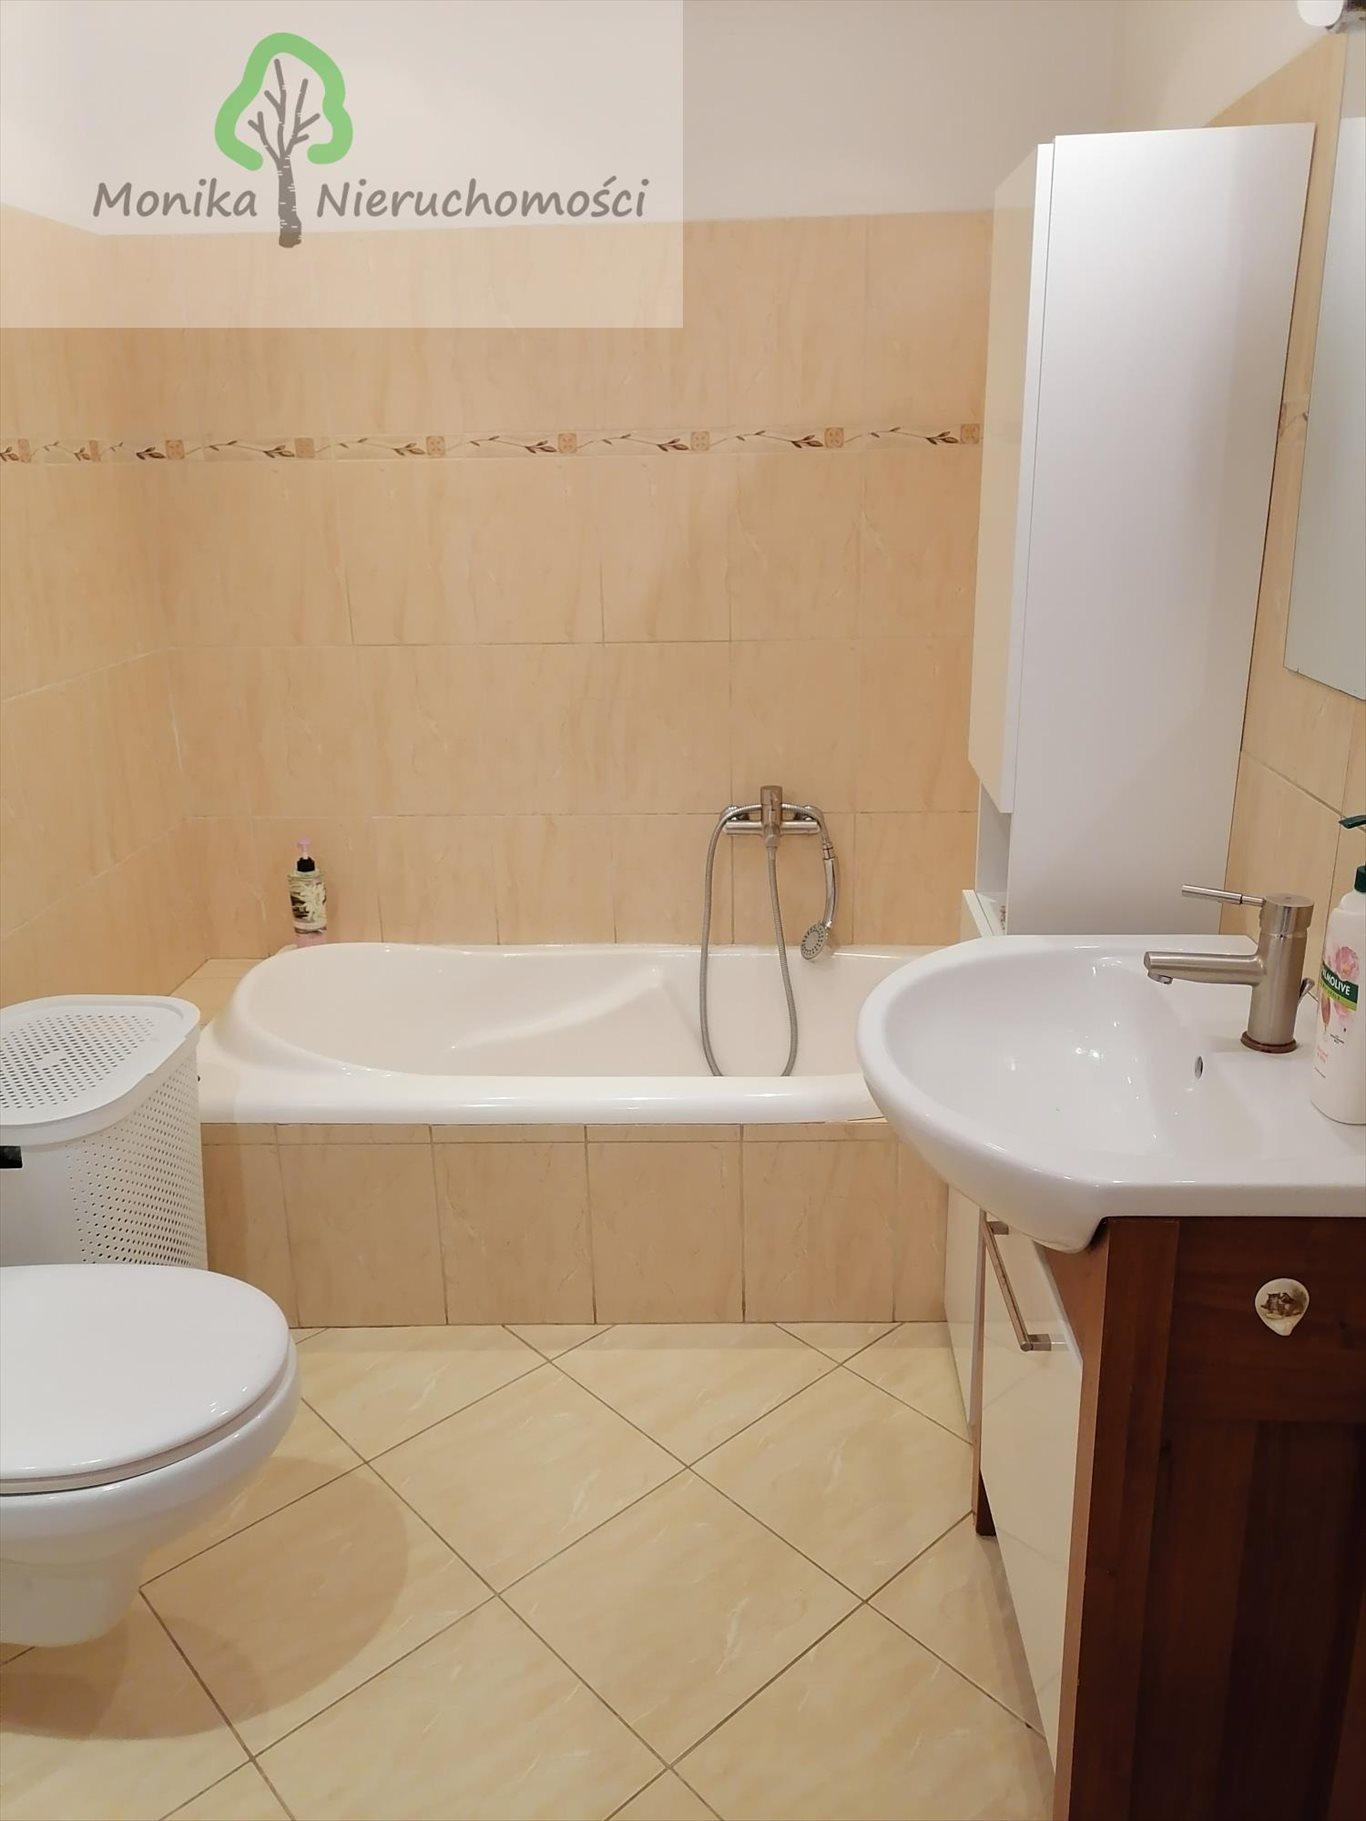 Lokal użytkowy na sprzedaż Szczerbięcin  93200m2 Foto 8